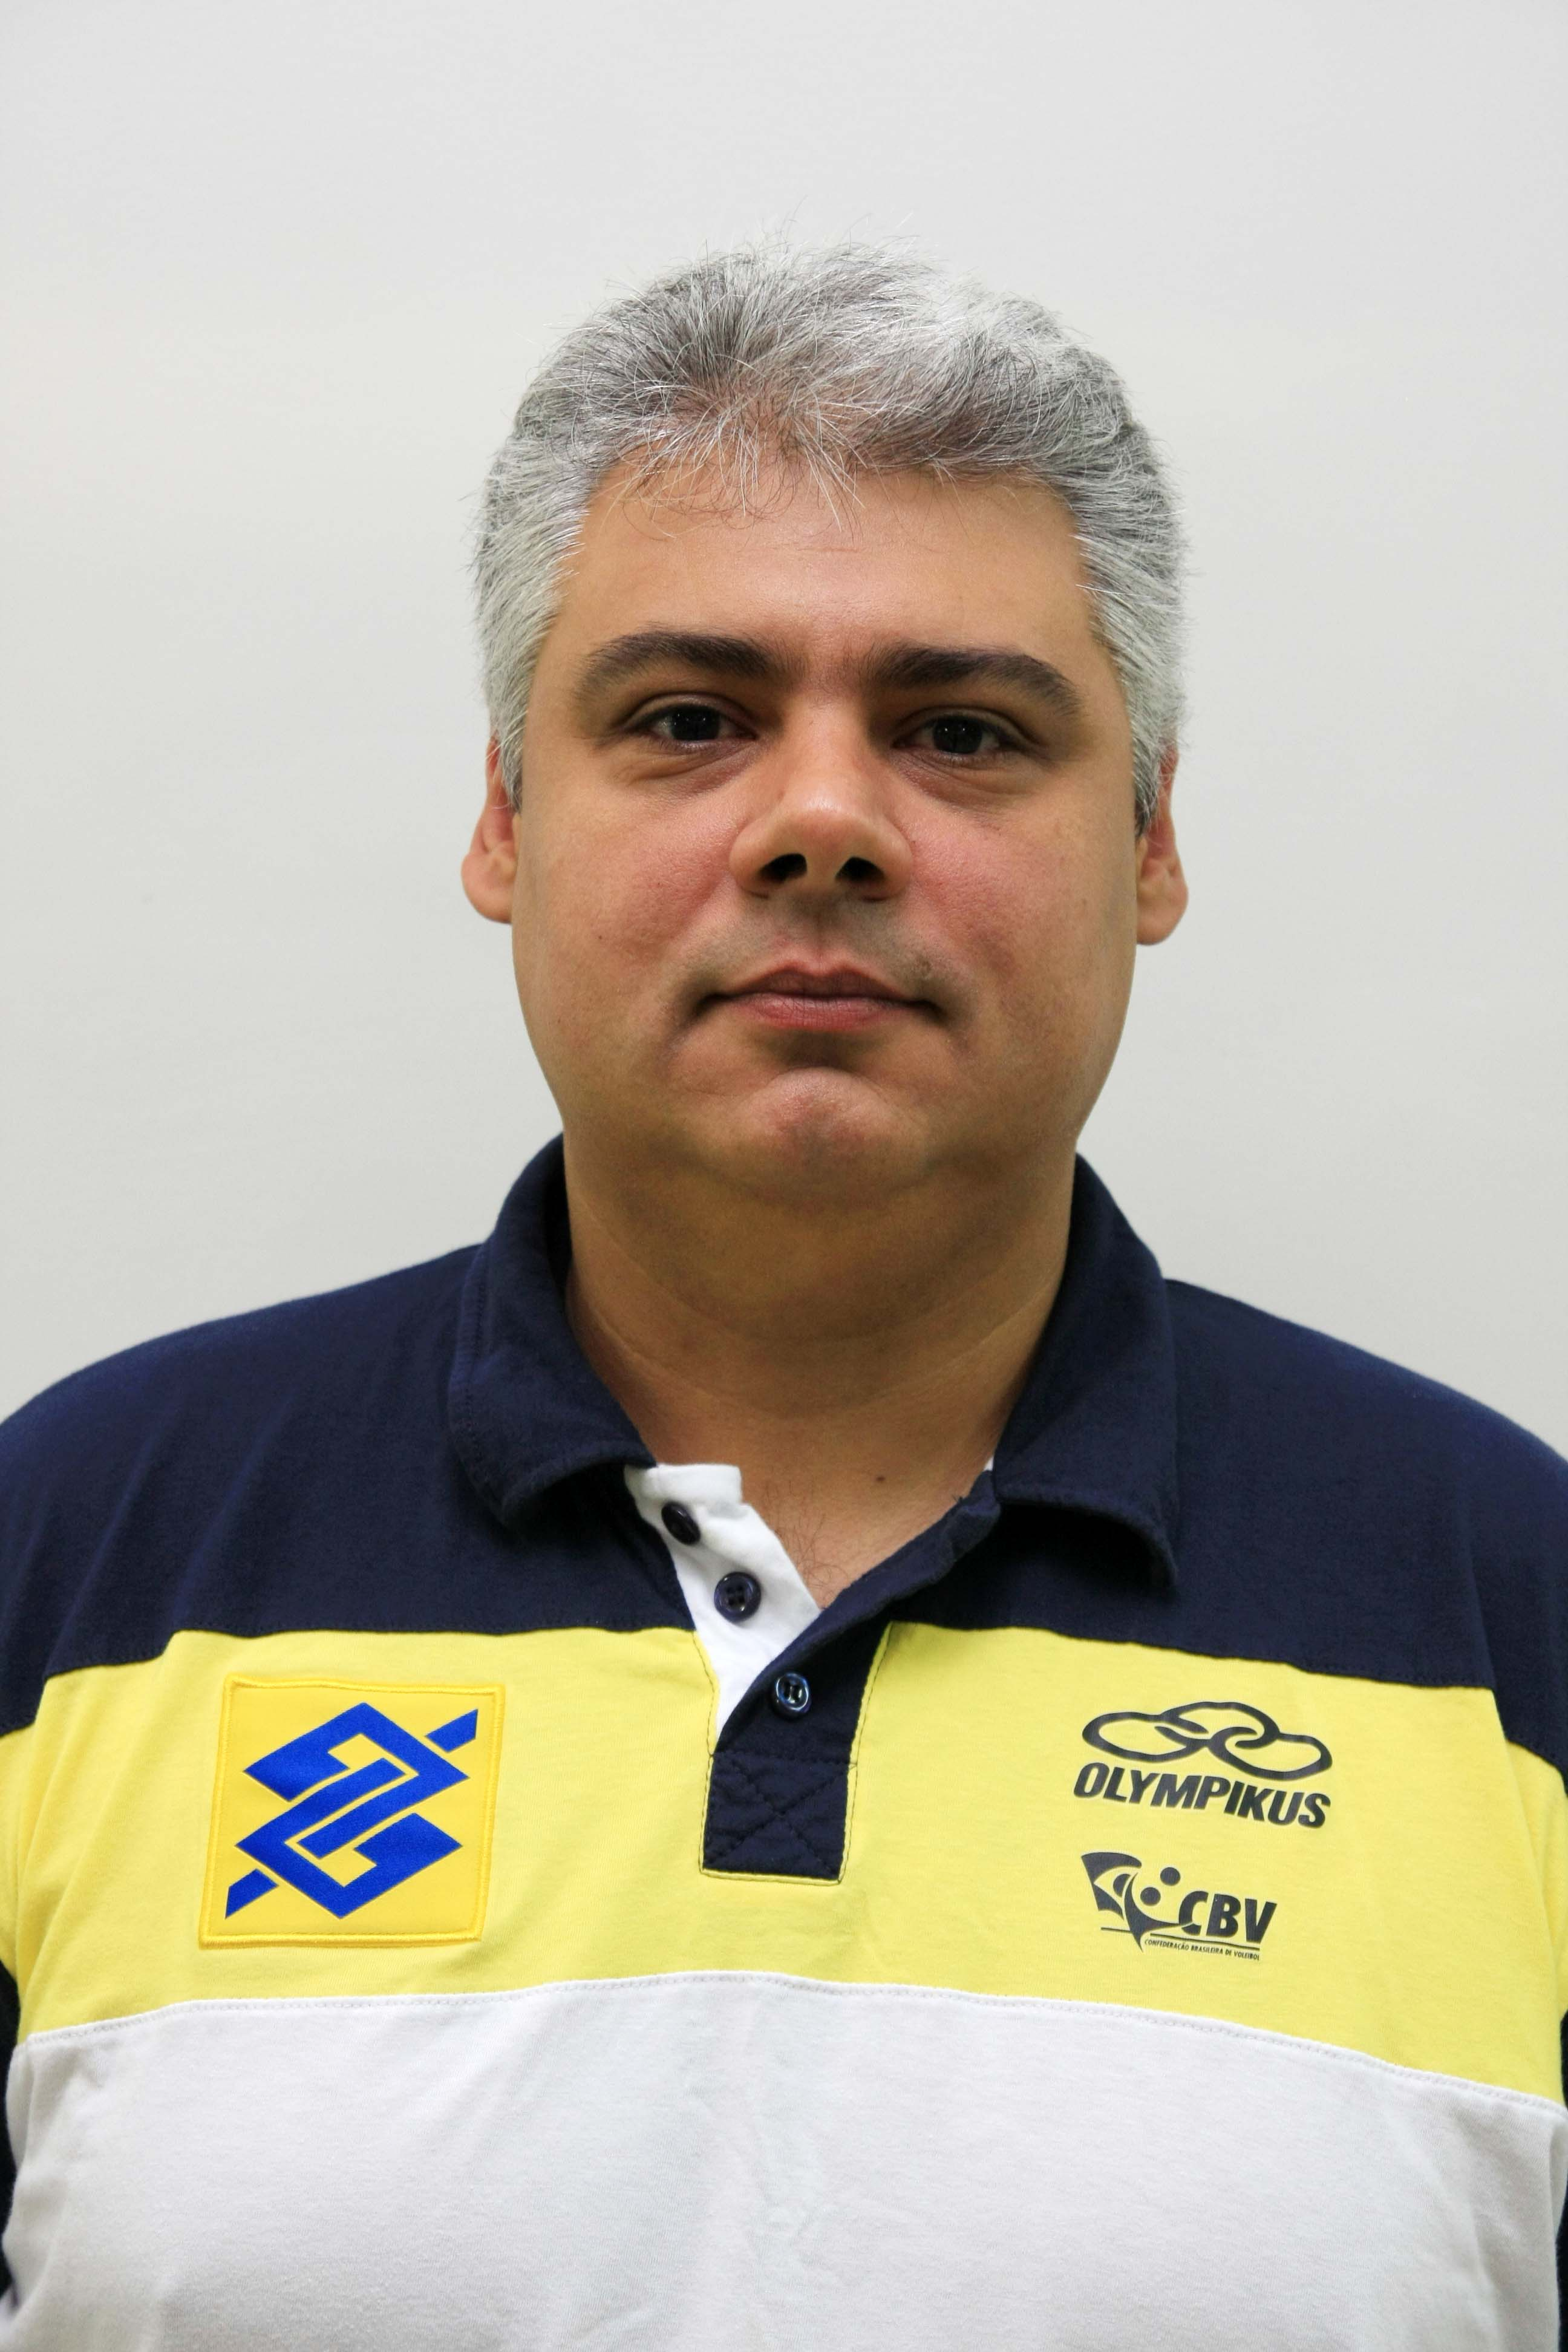 Leonardo Afonso Seixas De Carvalho